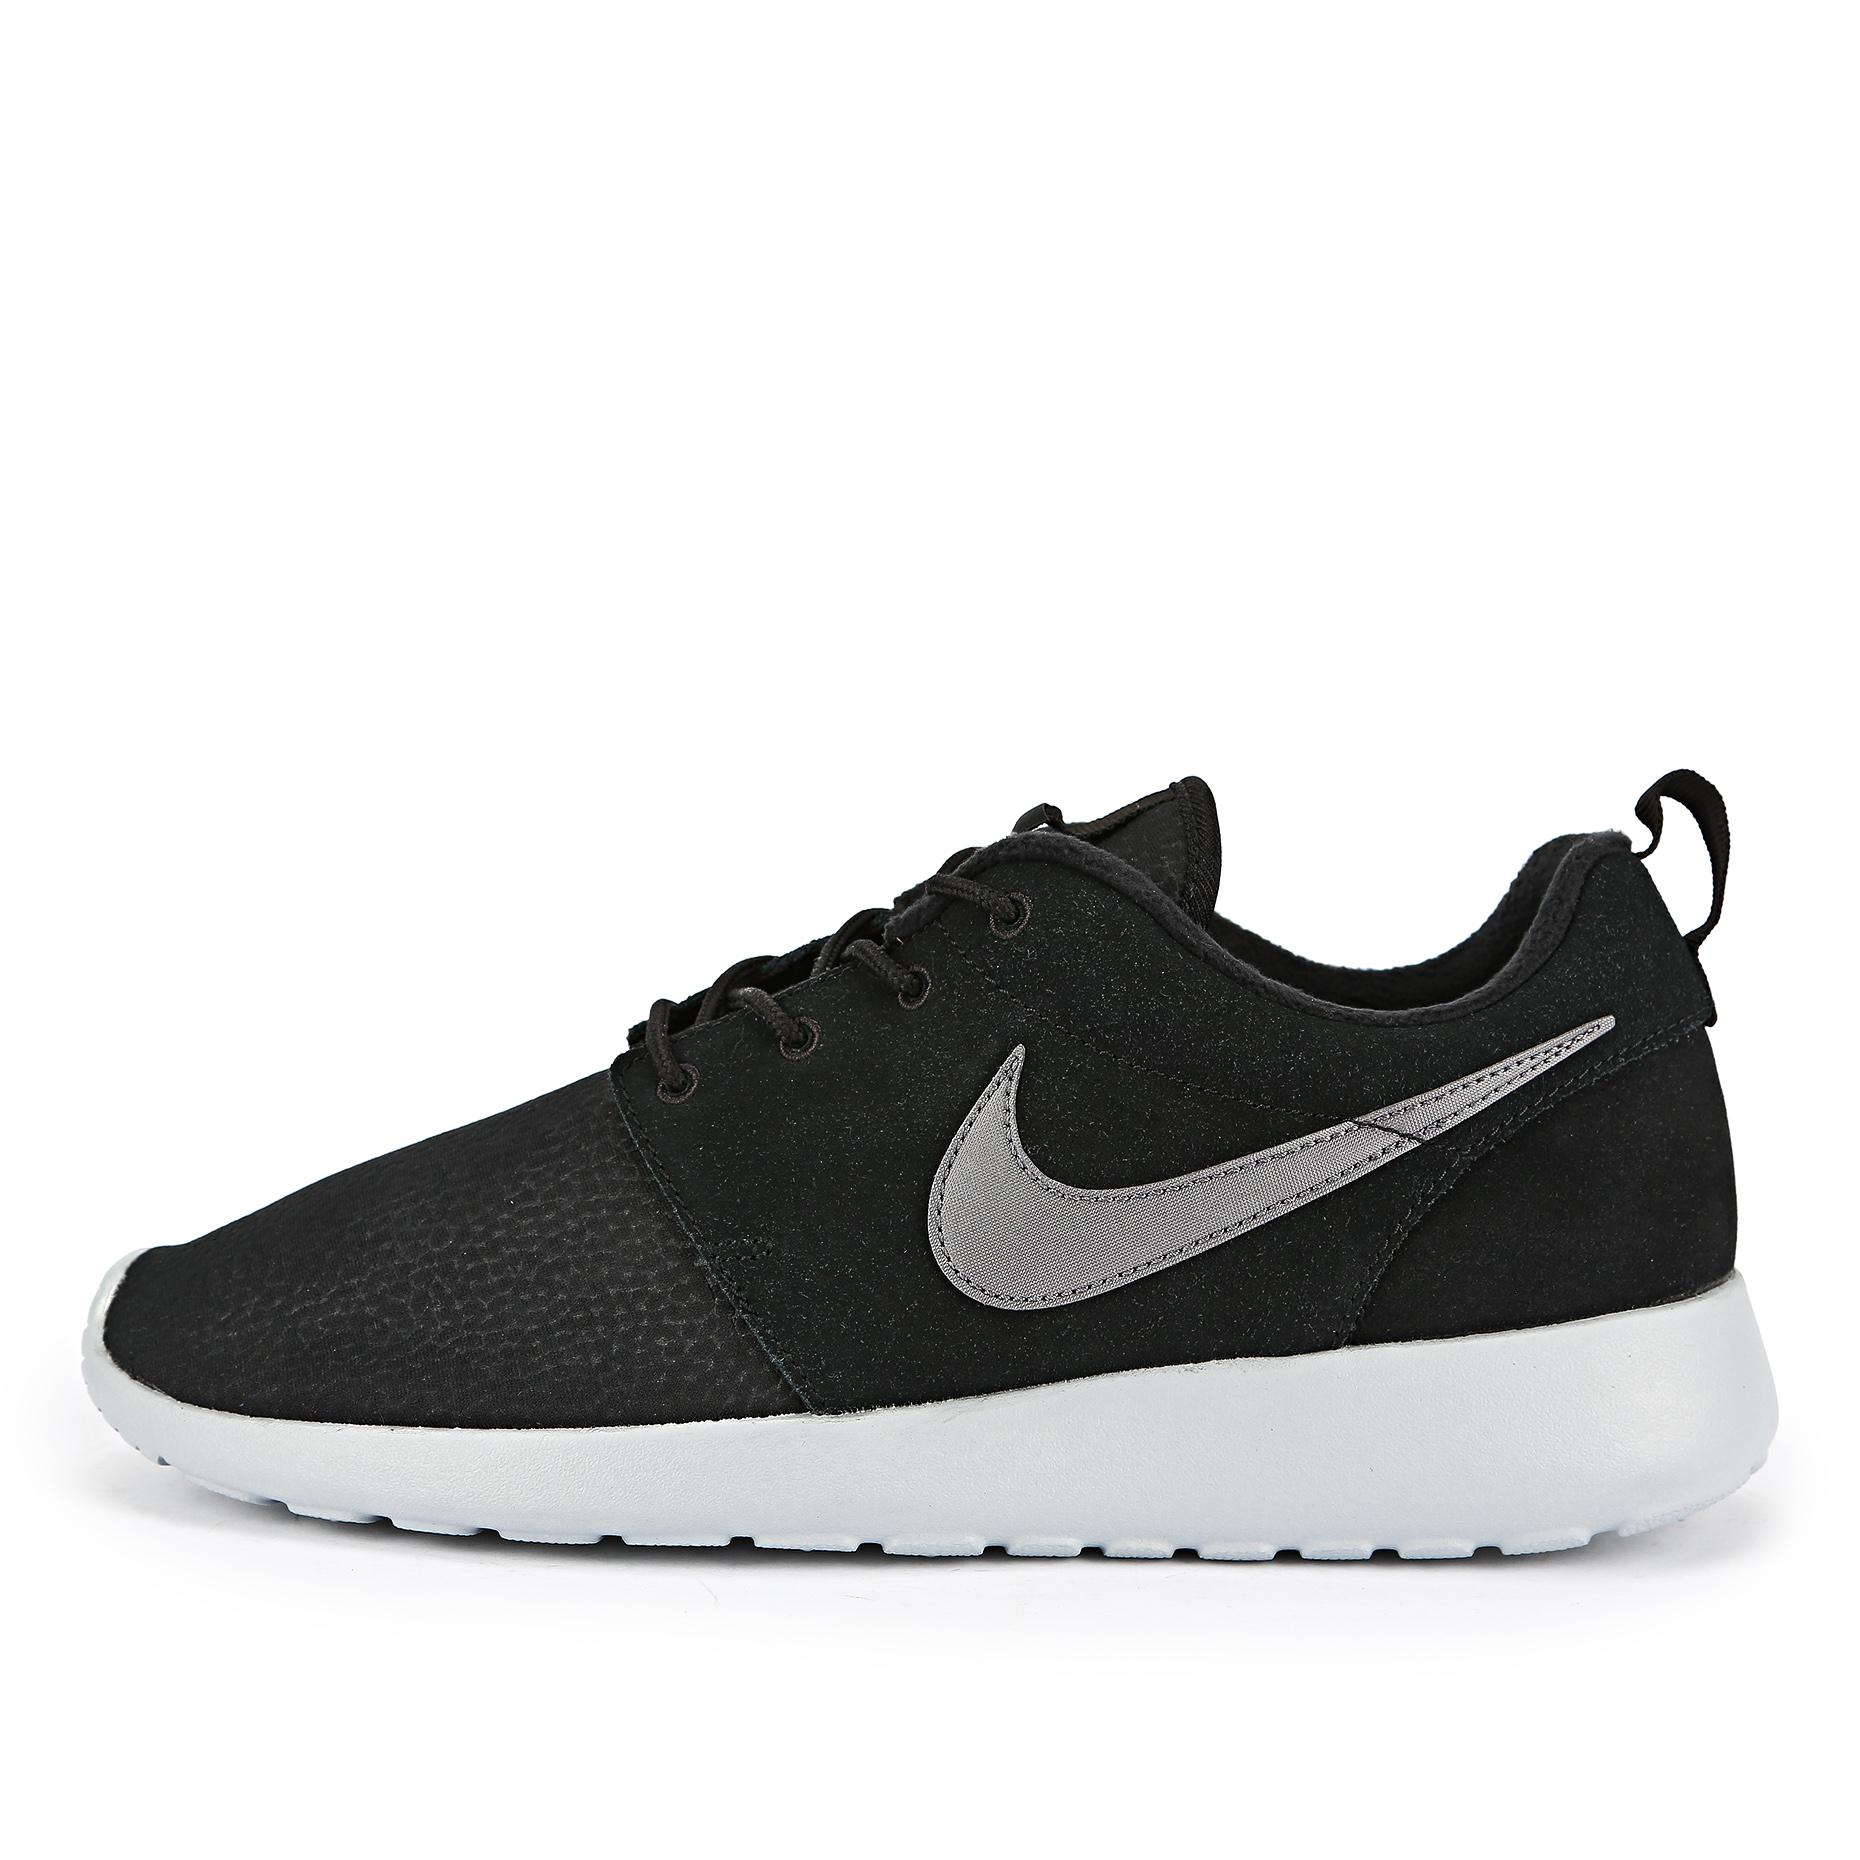 e0d65e27 Кроссовки Roshe от Nike (685280-001) - продажа, цена, фото, описание